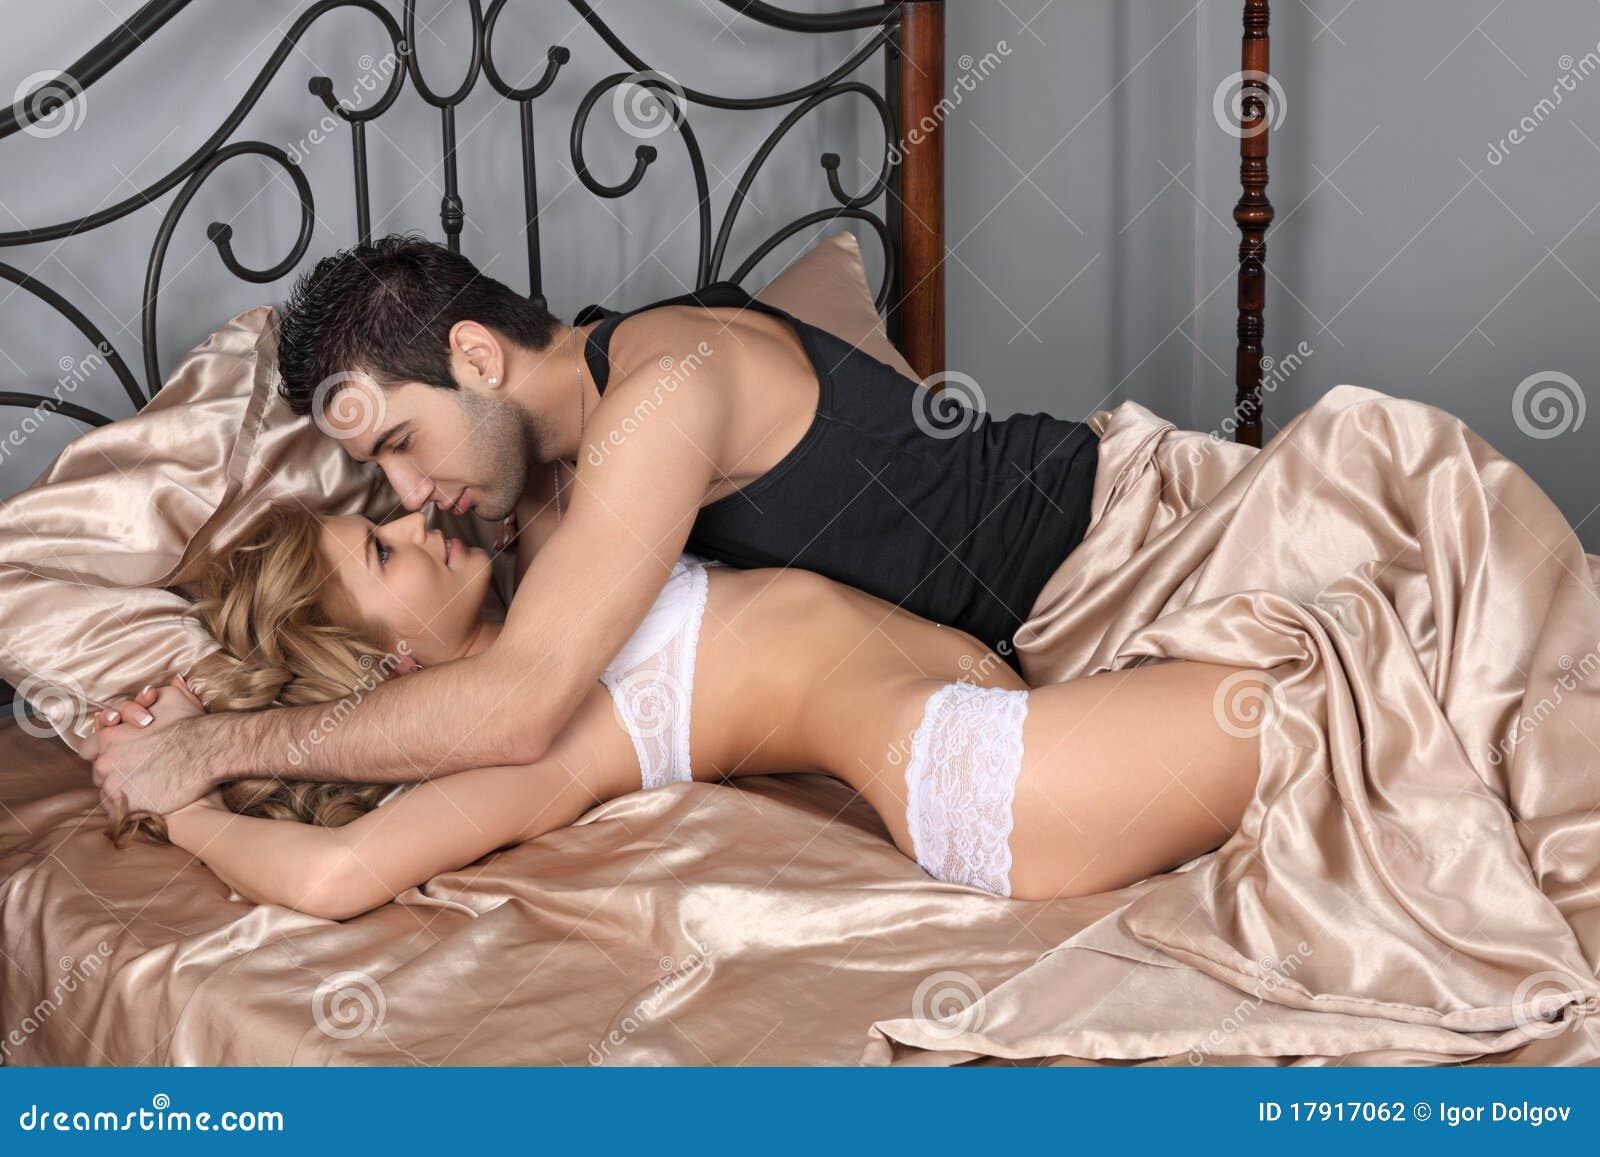 Sex und die Suche nach Intimitt - Was ist Liebe? - Wie